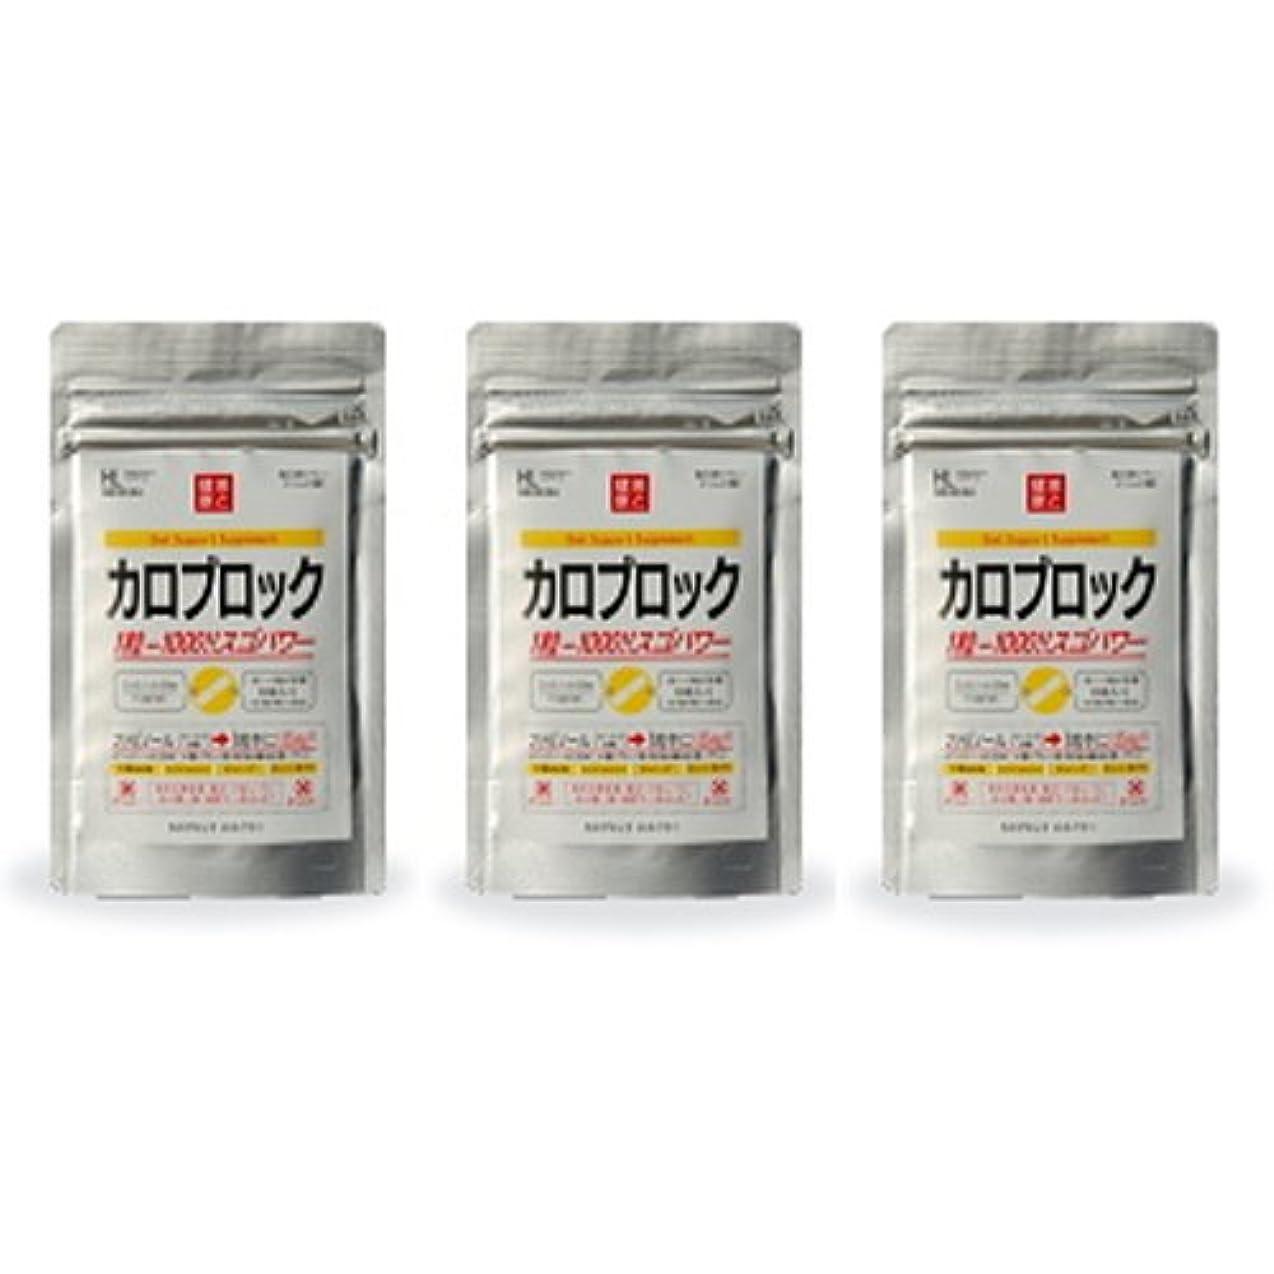 輝く除外する福祉カロブロックスゴパワー 3個セット(白いんげん豆配合ダイエットサプリ)